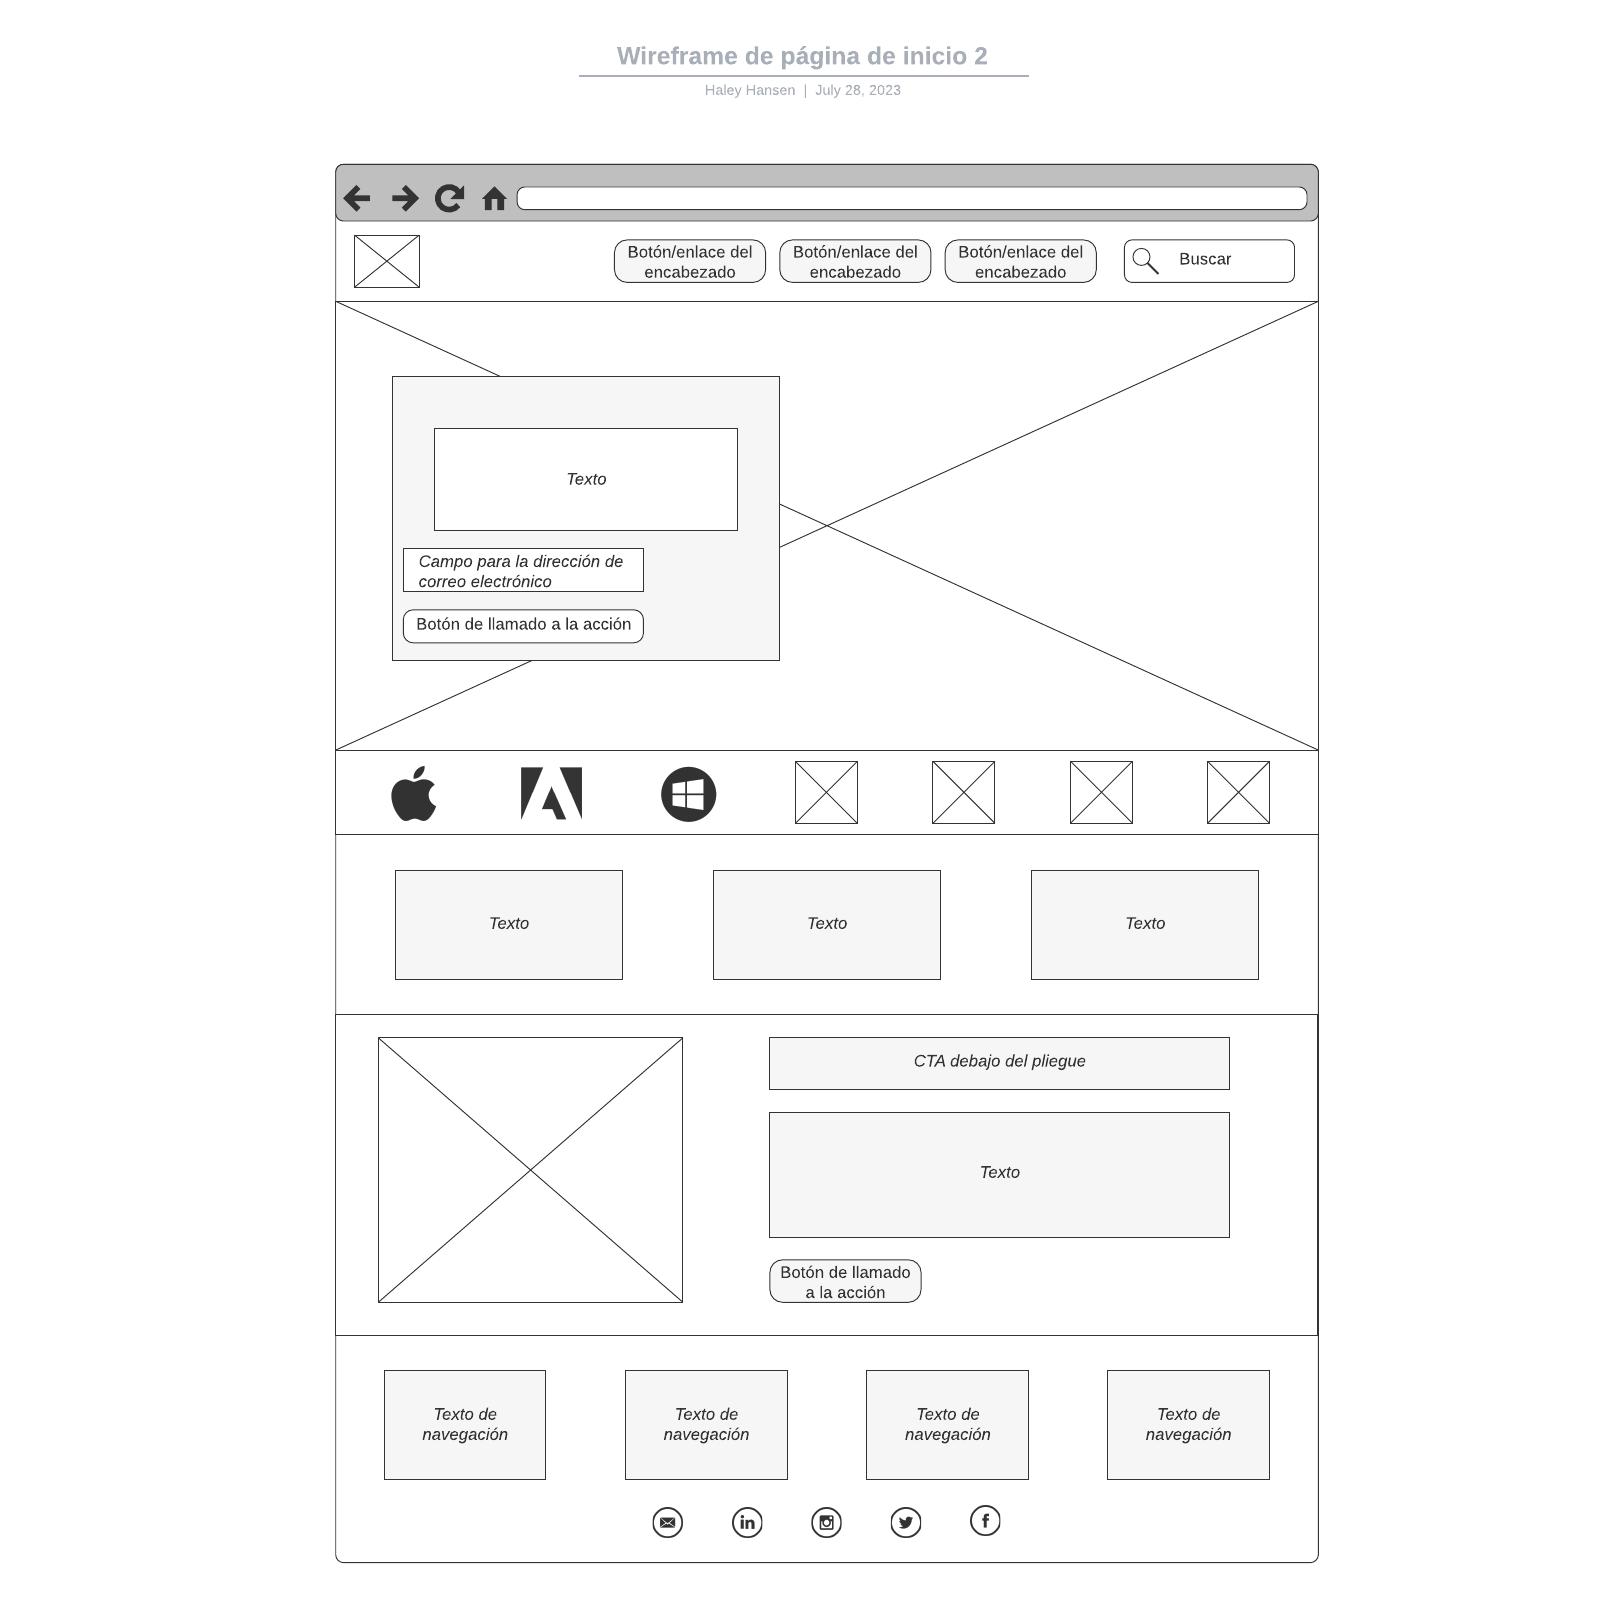 Wireframe de página de inicio 2